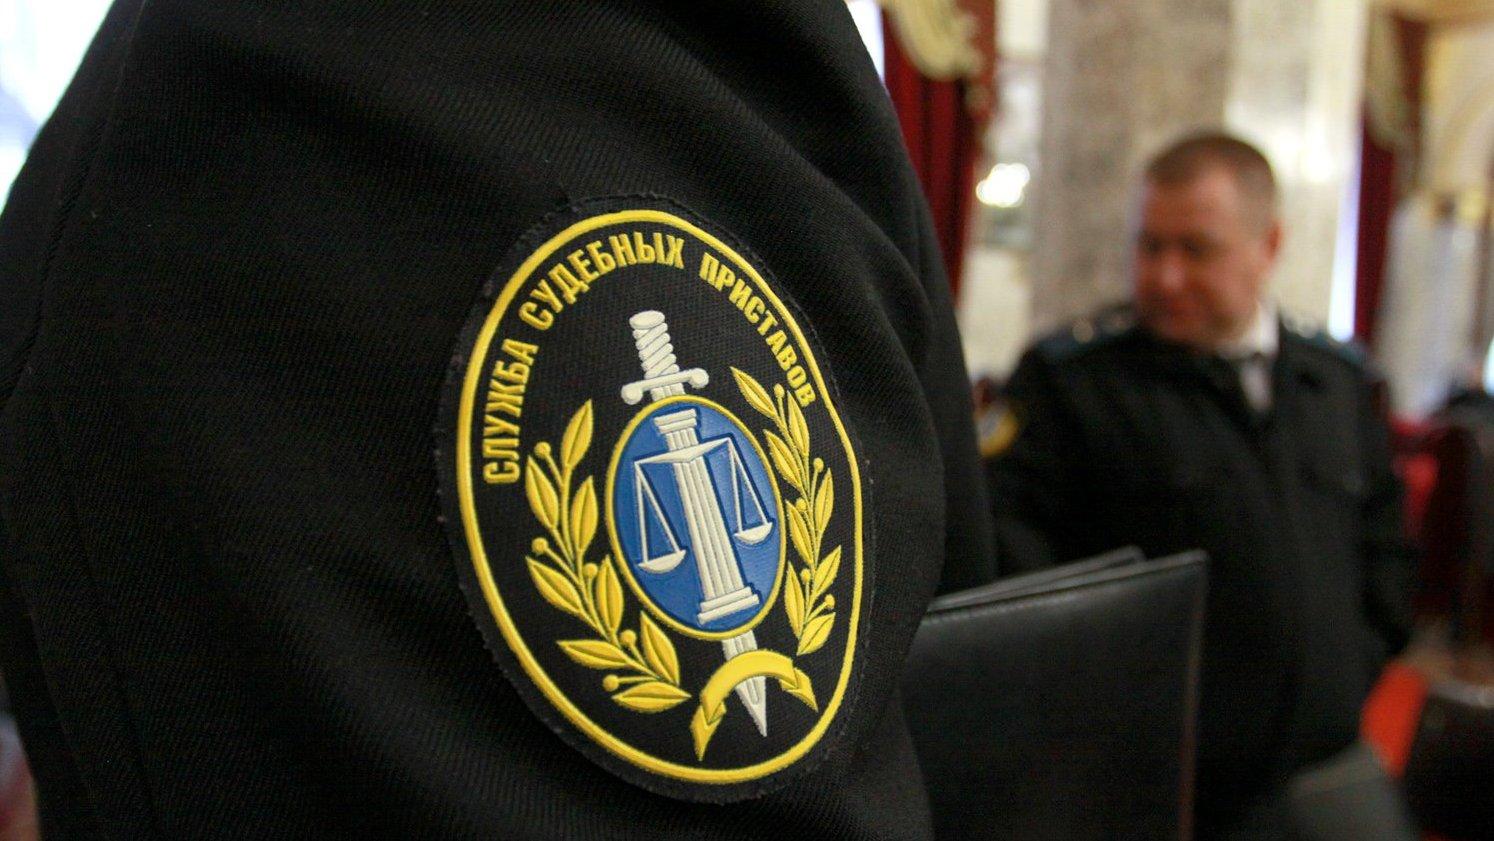 ВЕкатеринбурге насемь лет осудили начальника Октябрьского регионального отдела судебных приставов